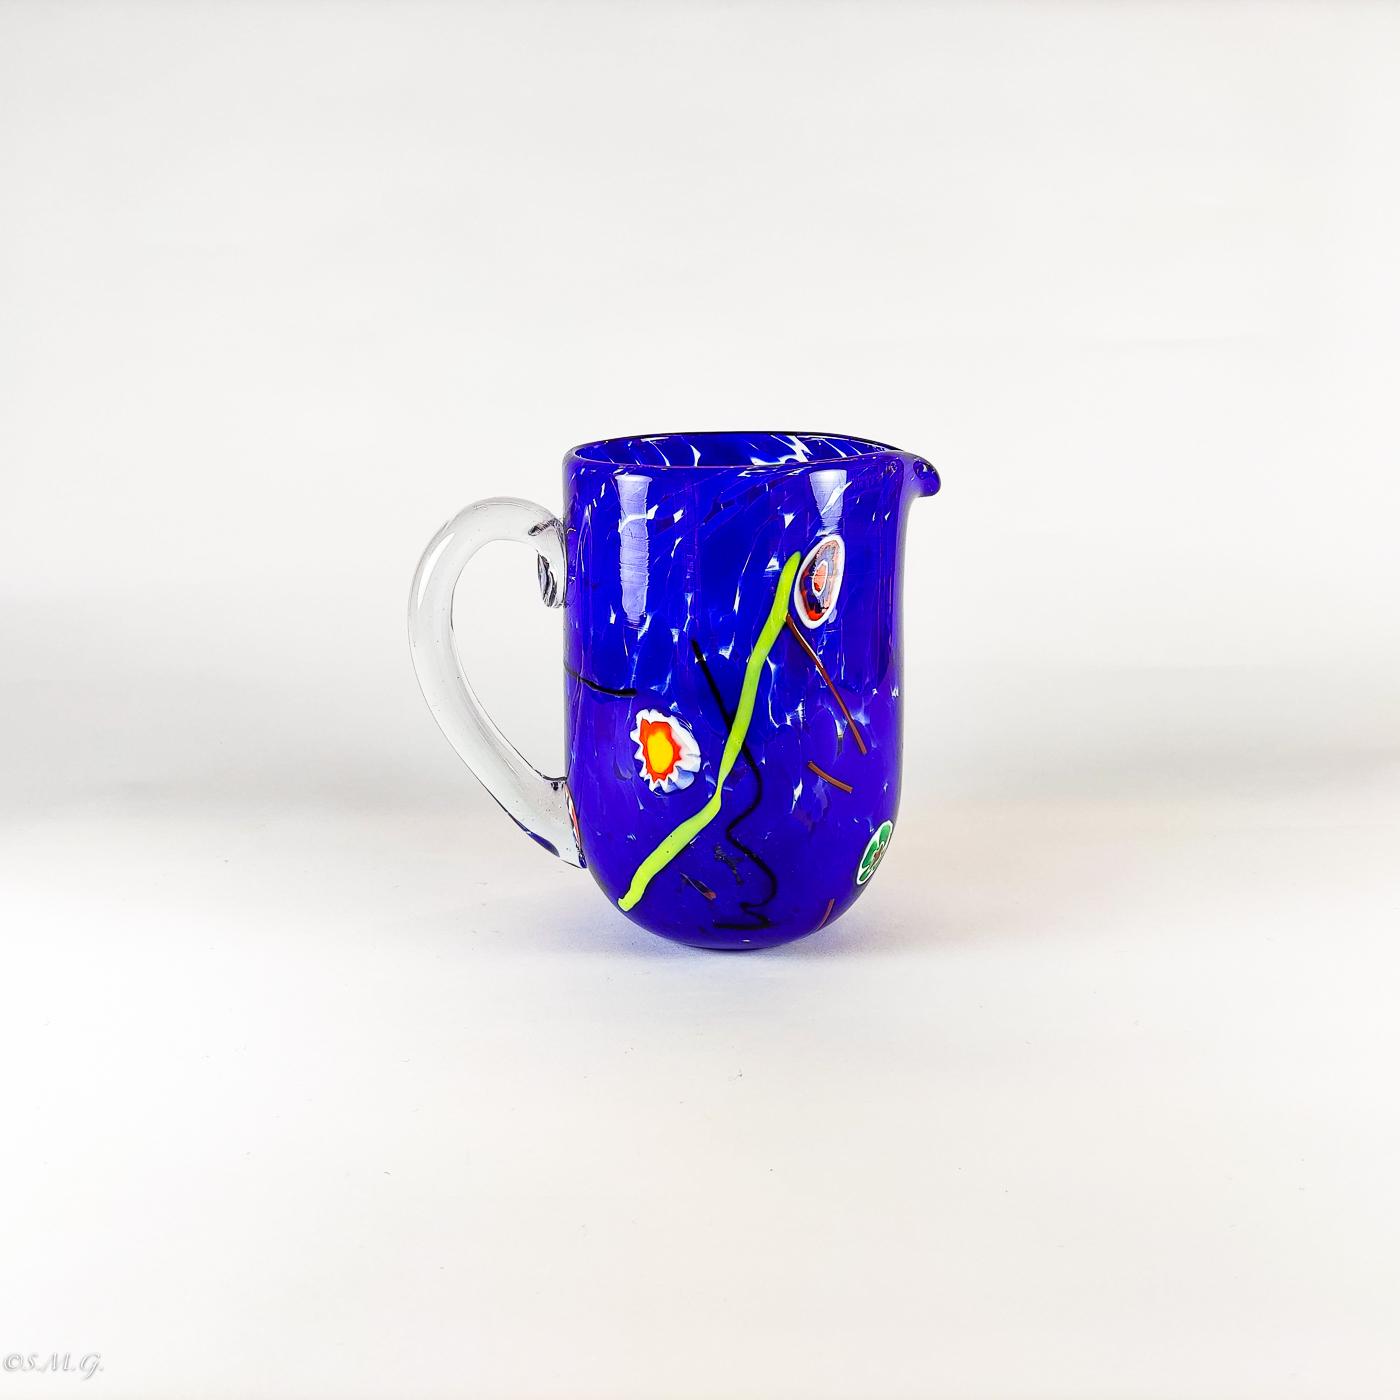 Caraffa in vetro di Murano blu con murrine